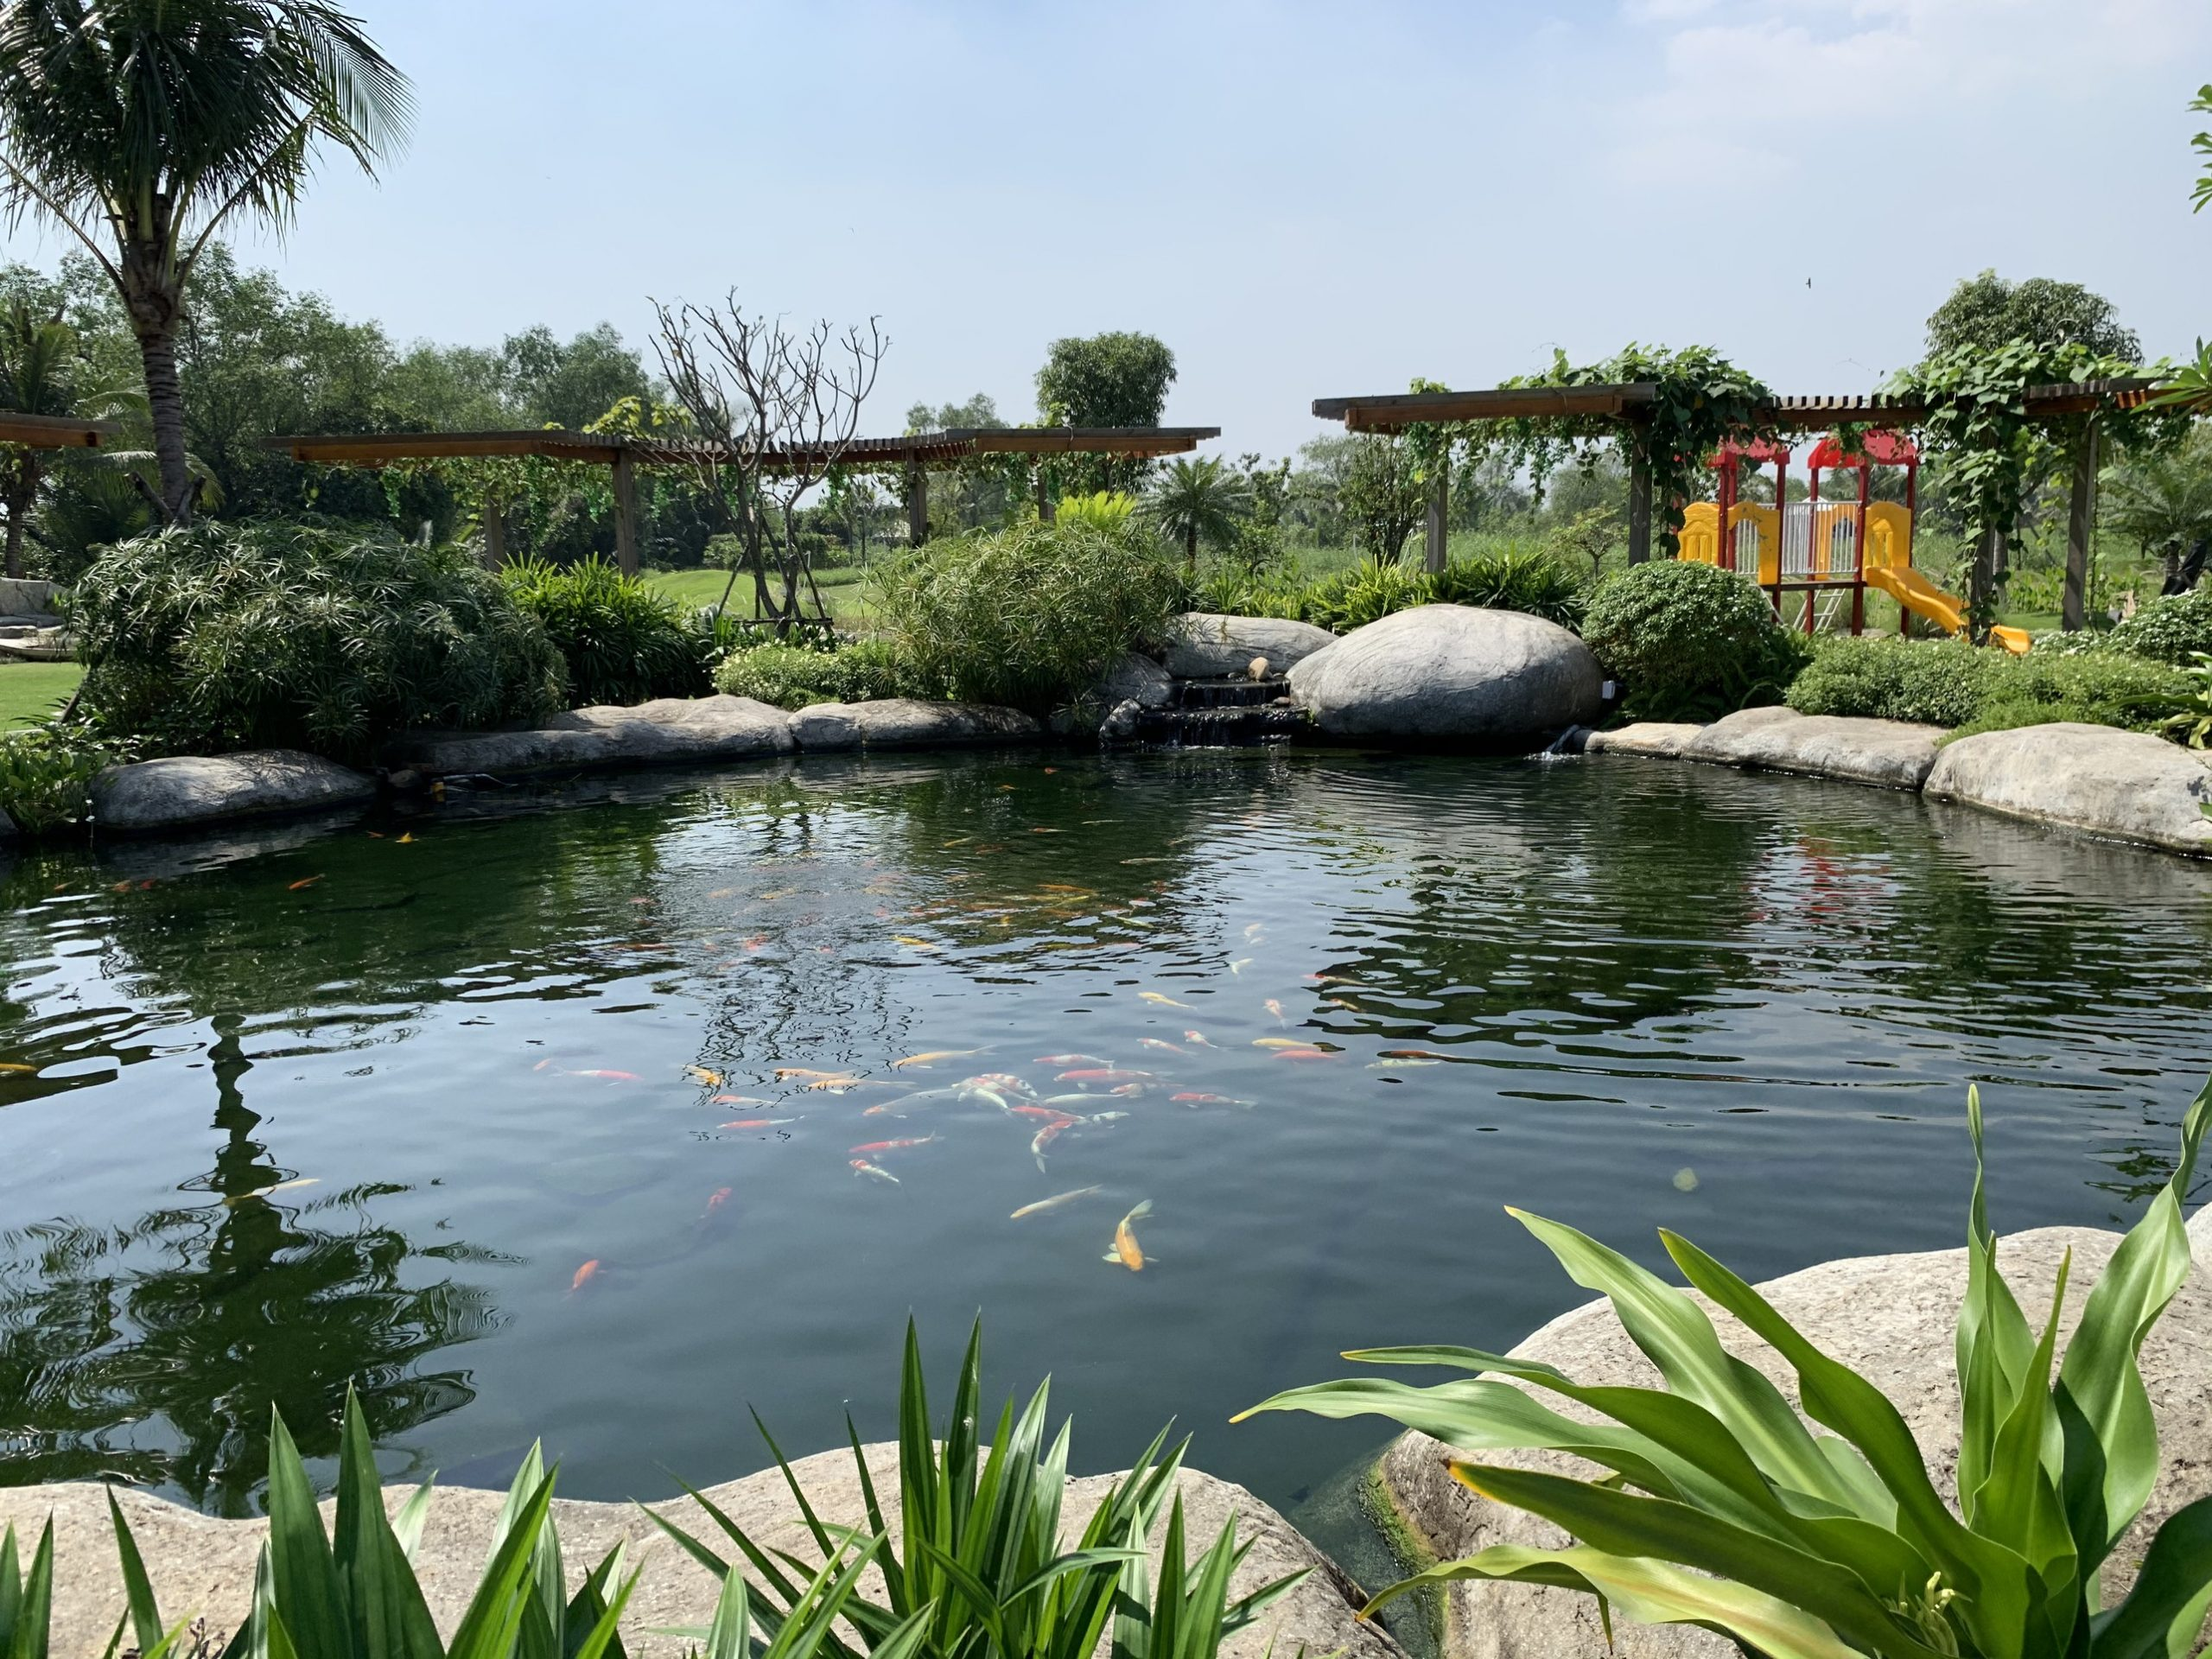 Mua bán - ký gửi - nhà vườn - đất vườn - sang nhượng - cho thuê - sông đồng nai,đất vườn - nhà vườn - long phước